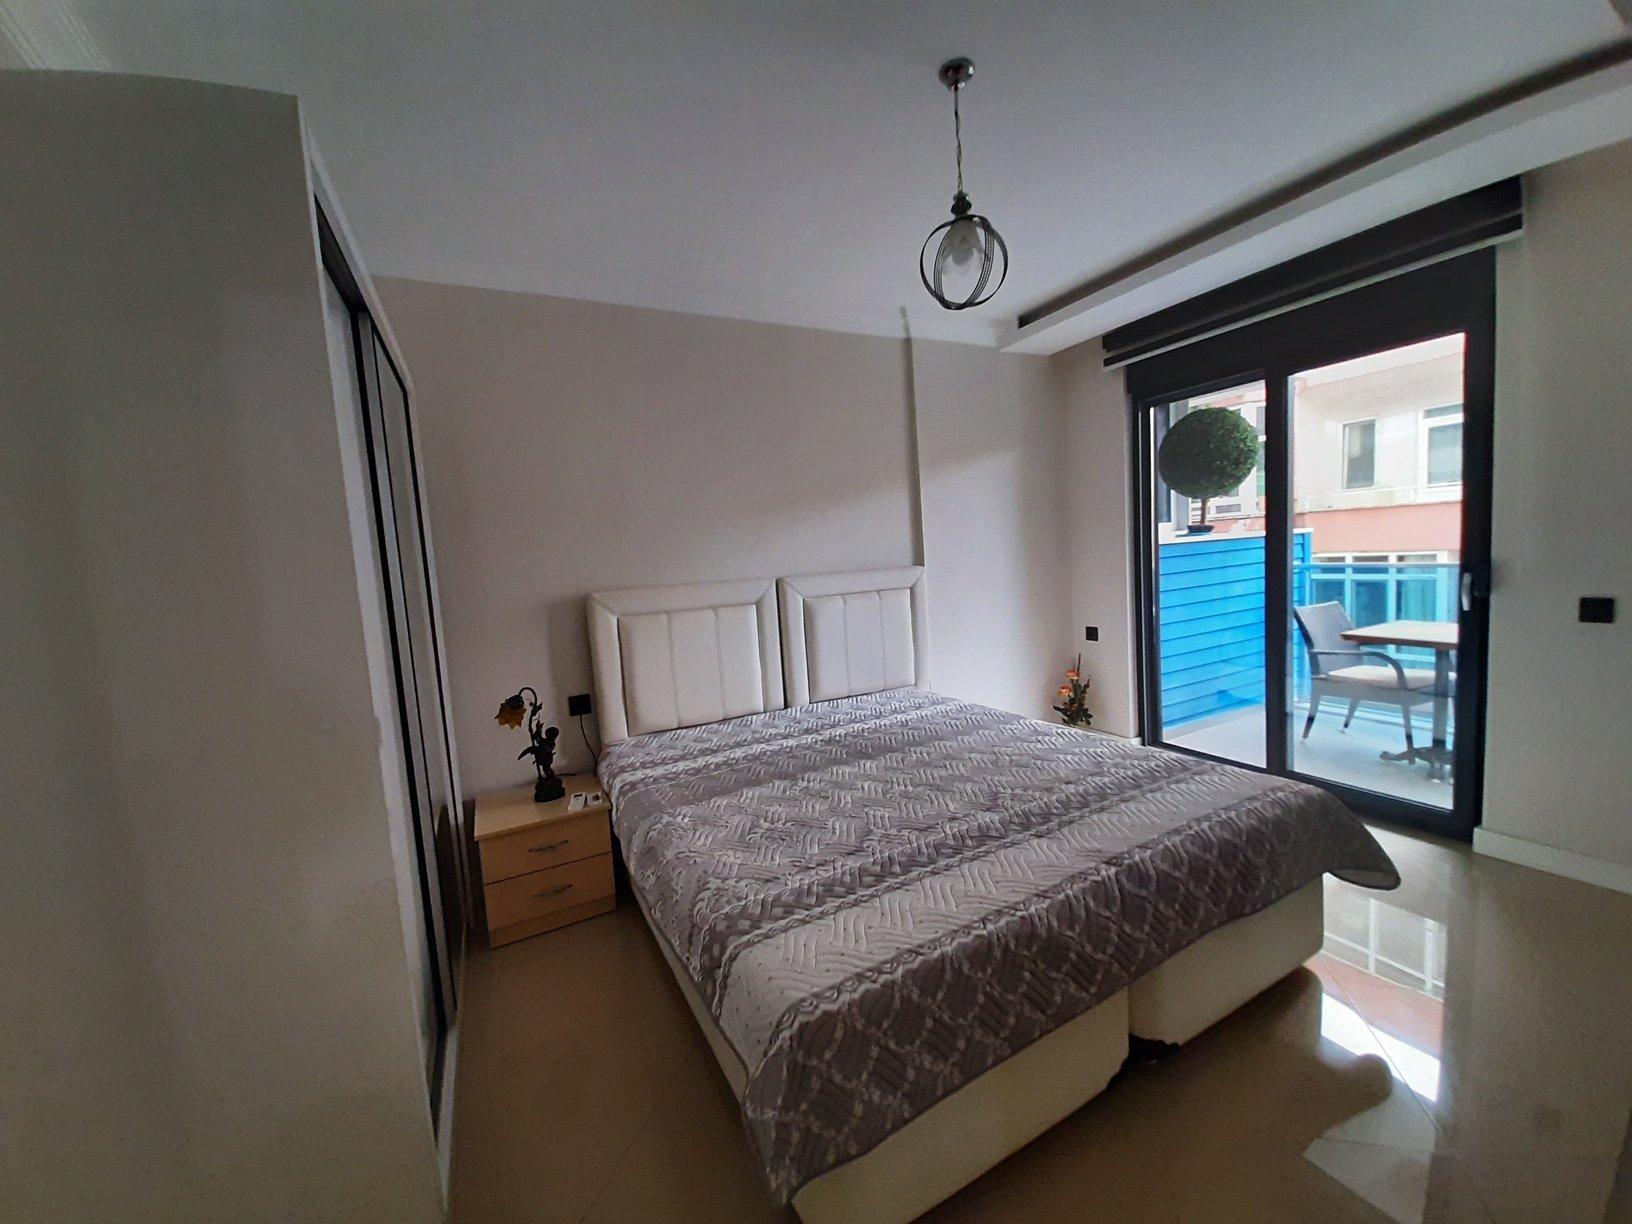 Двухкомнатная меблированная квартира для отдыха в новом доме рядом с инфраструктурой города